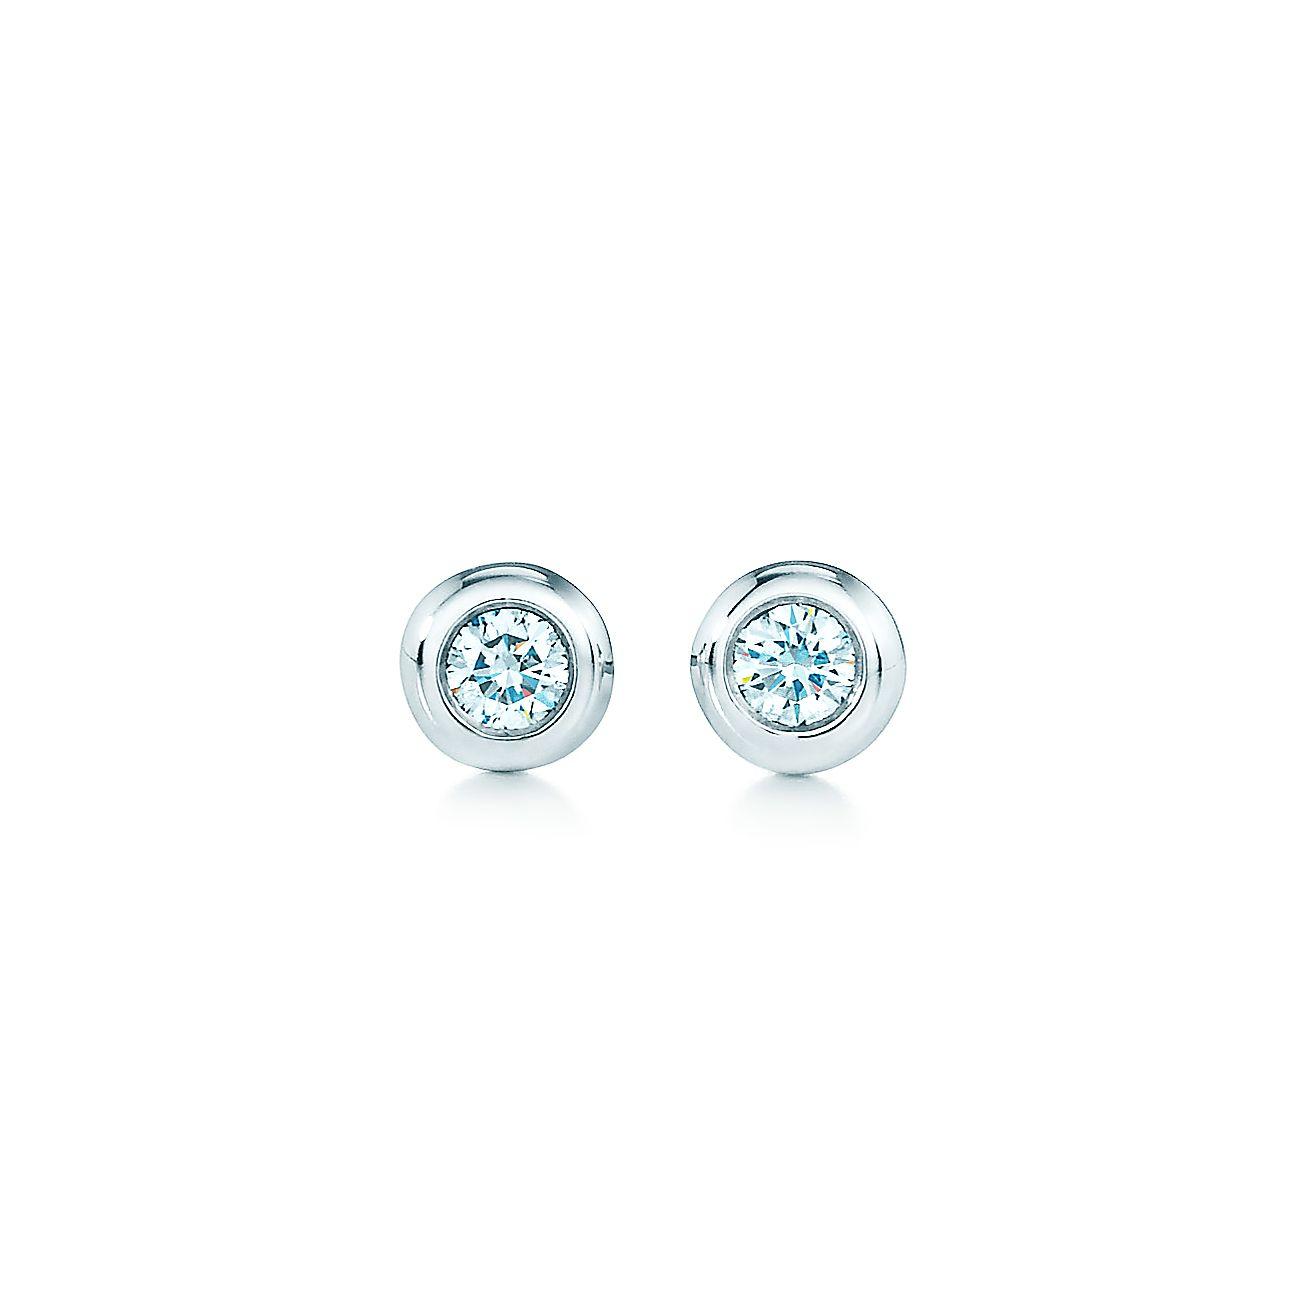 Elsa Peretti Diamonds By The Yard Earrings In Sterling Silver Tiffany Co